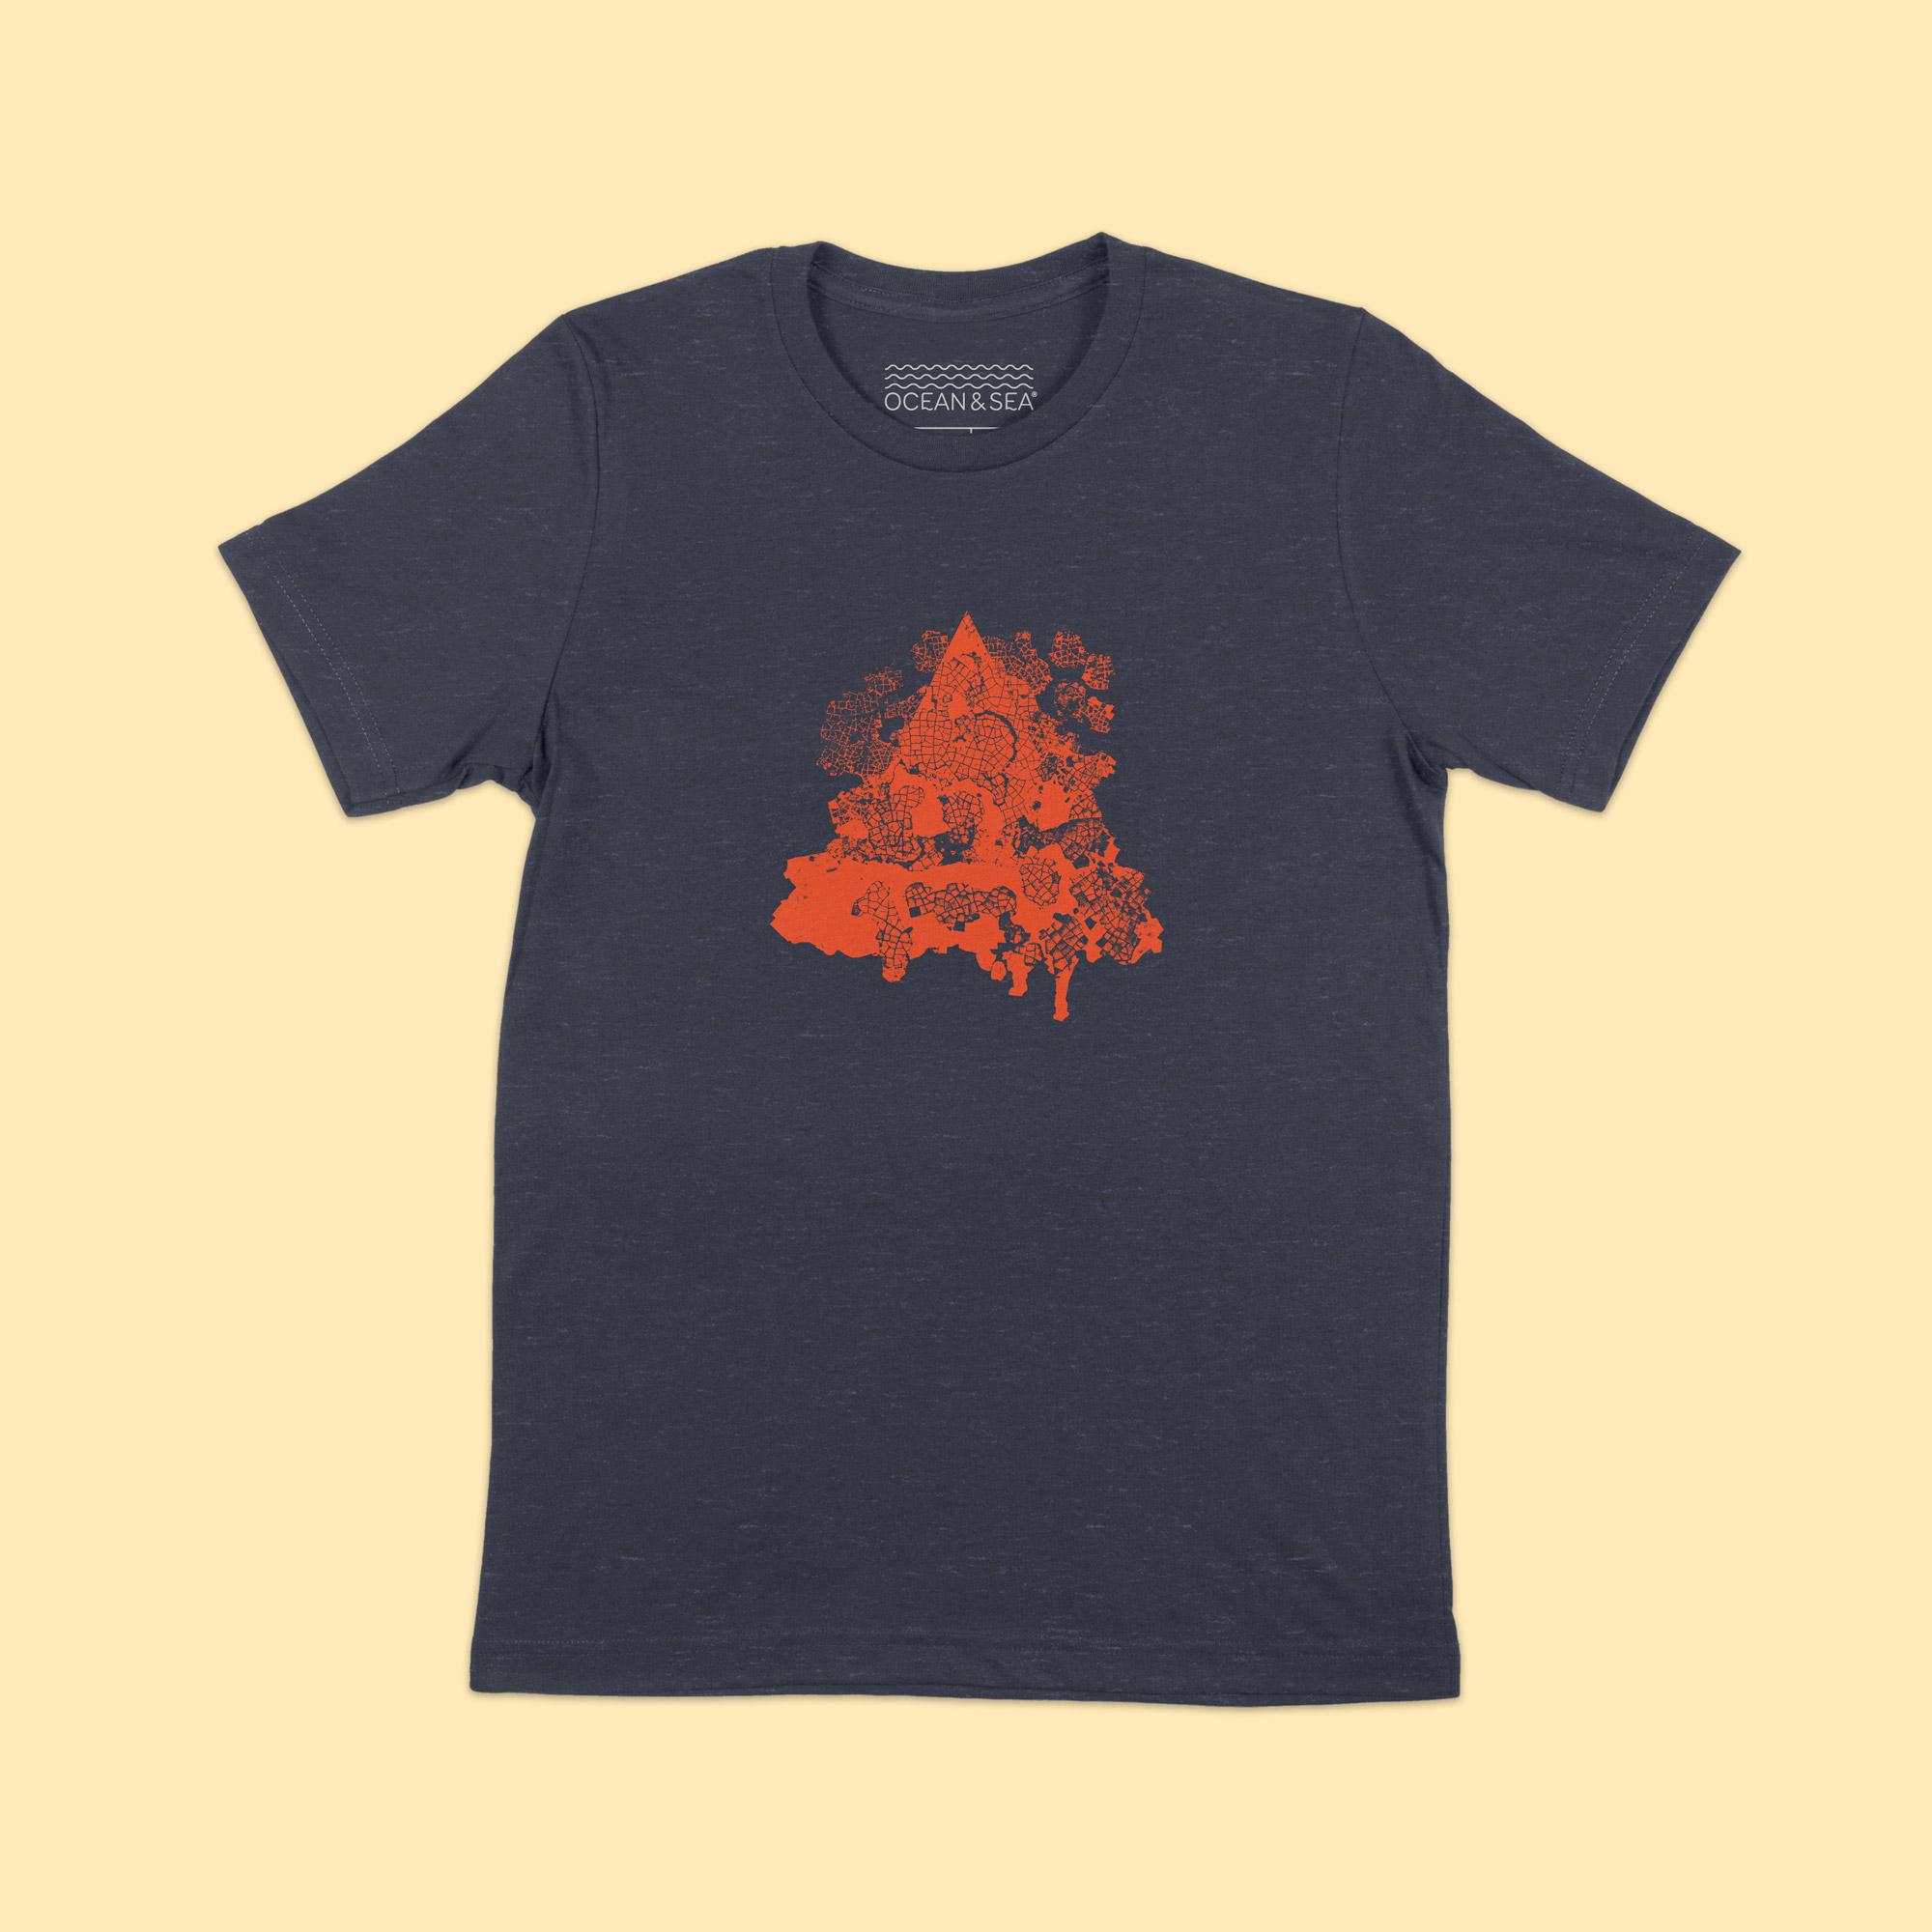 Ocean-and-Sea_T-Shirt_Alpha-A_Mockup